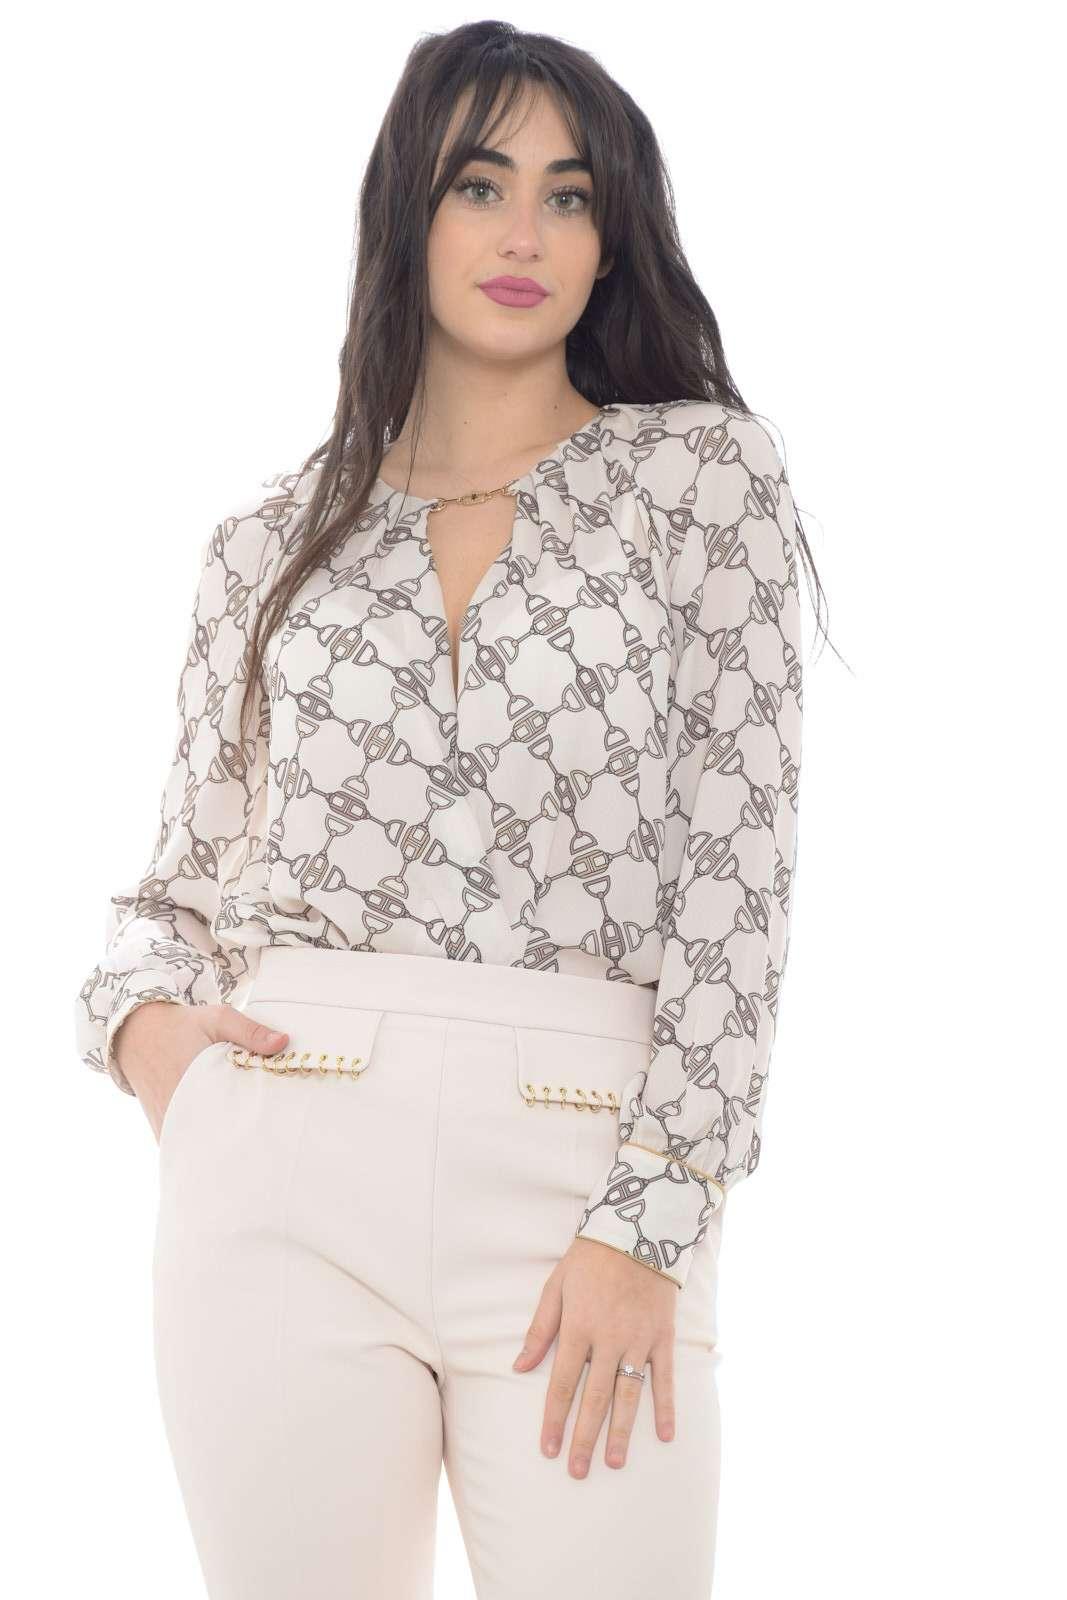 Elegante e glamour, la camicia body proposta dalla collezione donna Elisabetta Franchi si identifica con il suo stile raffinato. Lo scollo incrociato sul davanti è reso importante dall'inserto morsetto con il lgo del brand. Un must have della bella stagione.